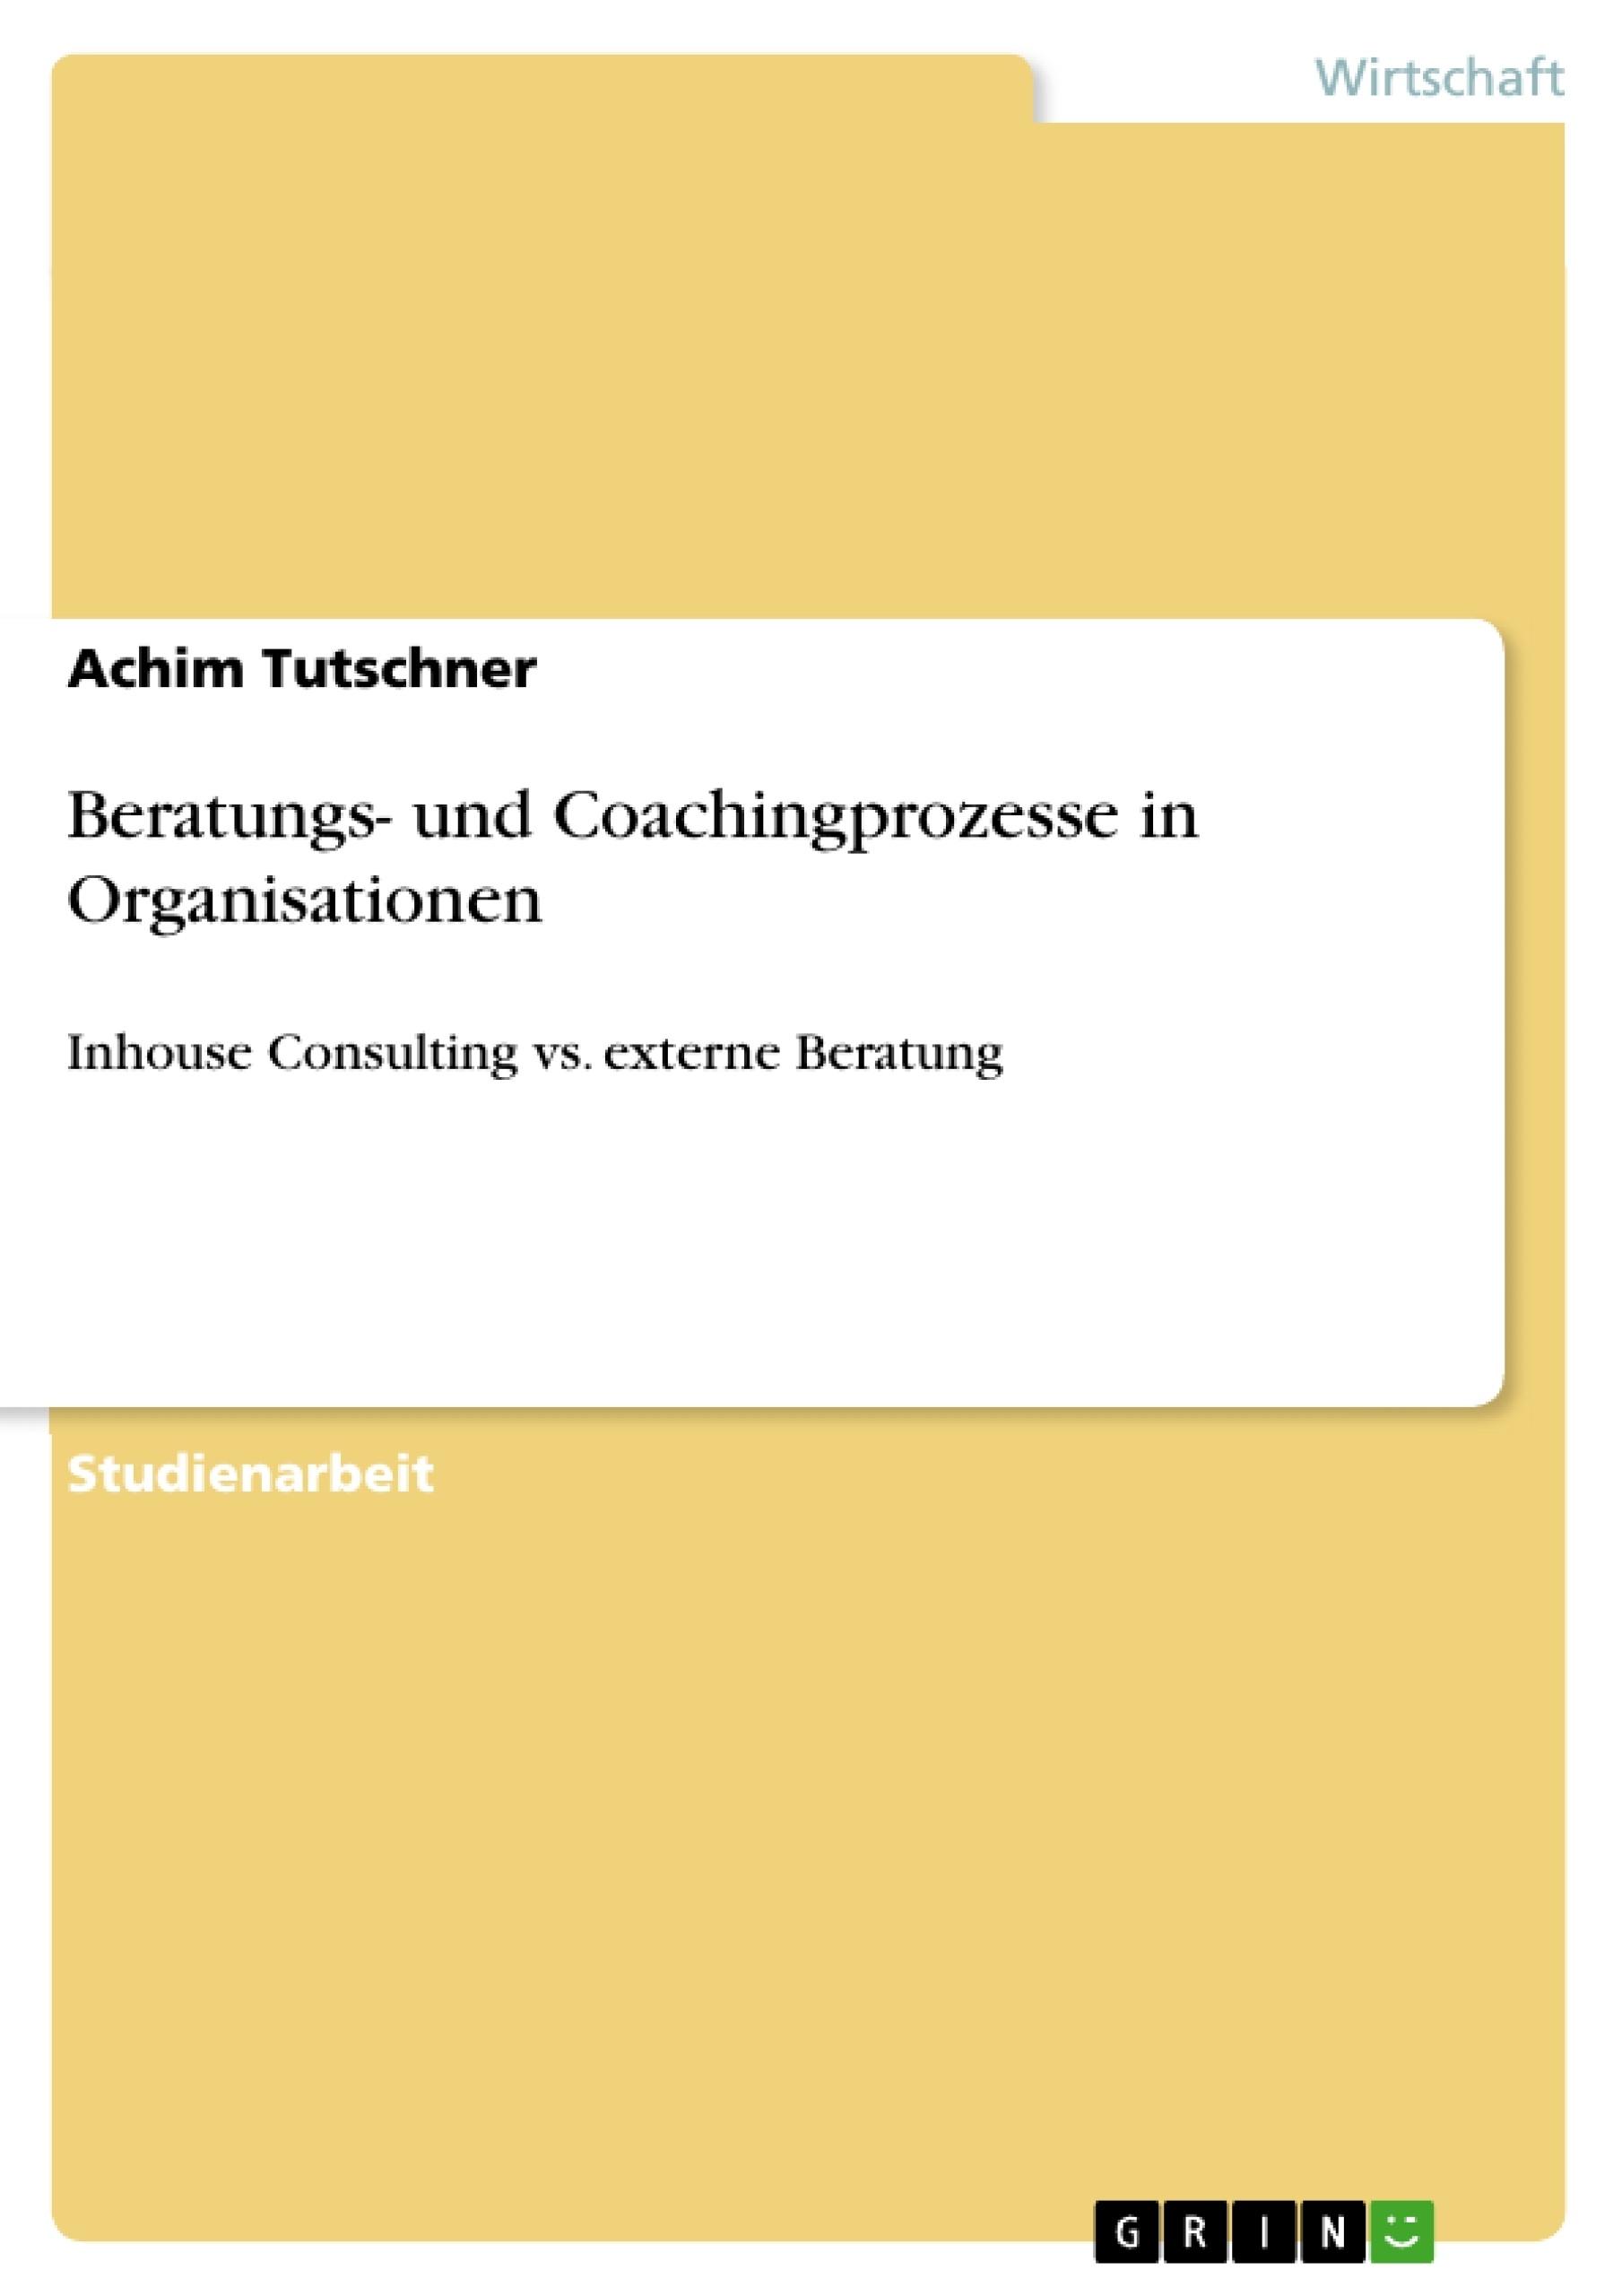 Titel: Beratungs- und Coachingprozesse in Organisationen